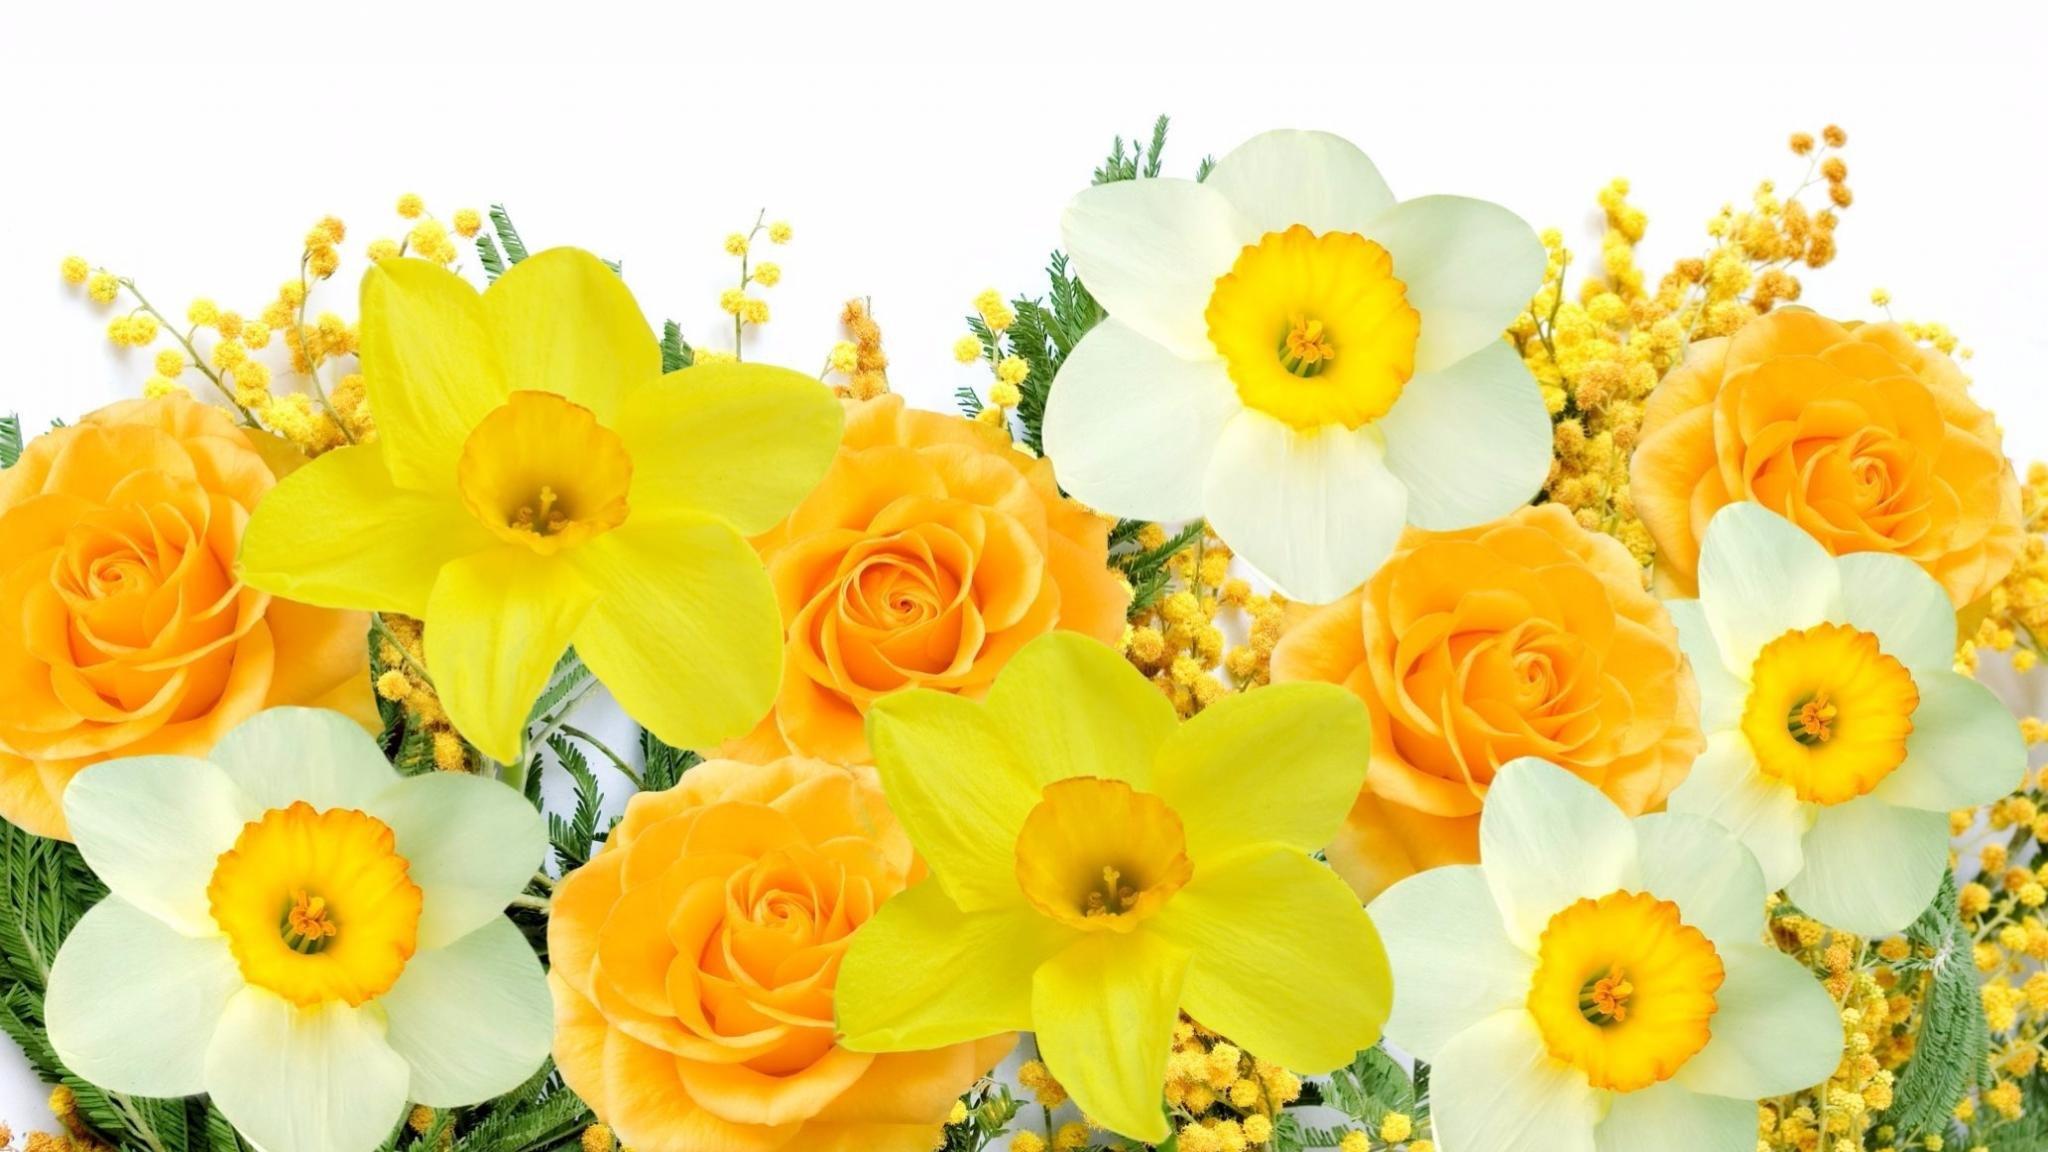 Best Flower Bouquet Wallpaper Id 179842 For High Resolution Hd